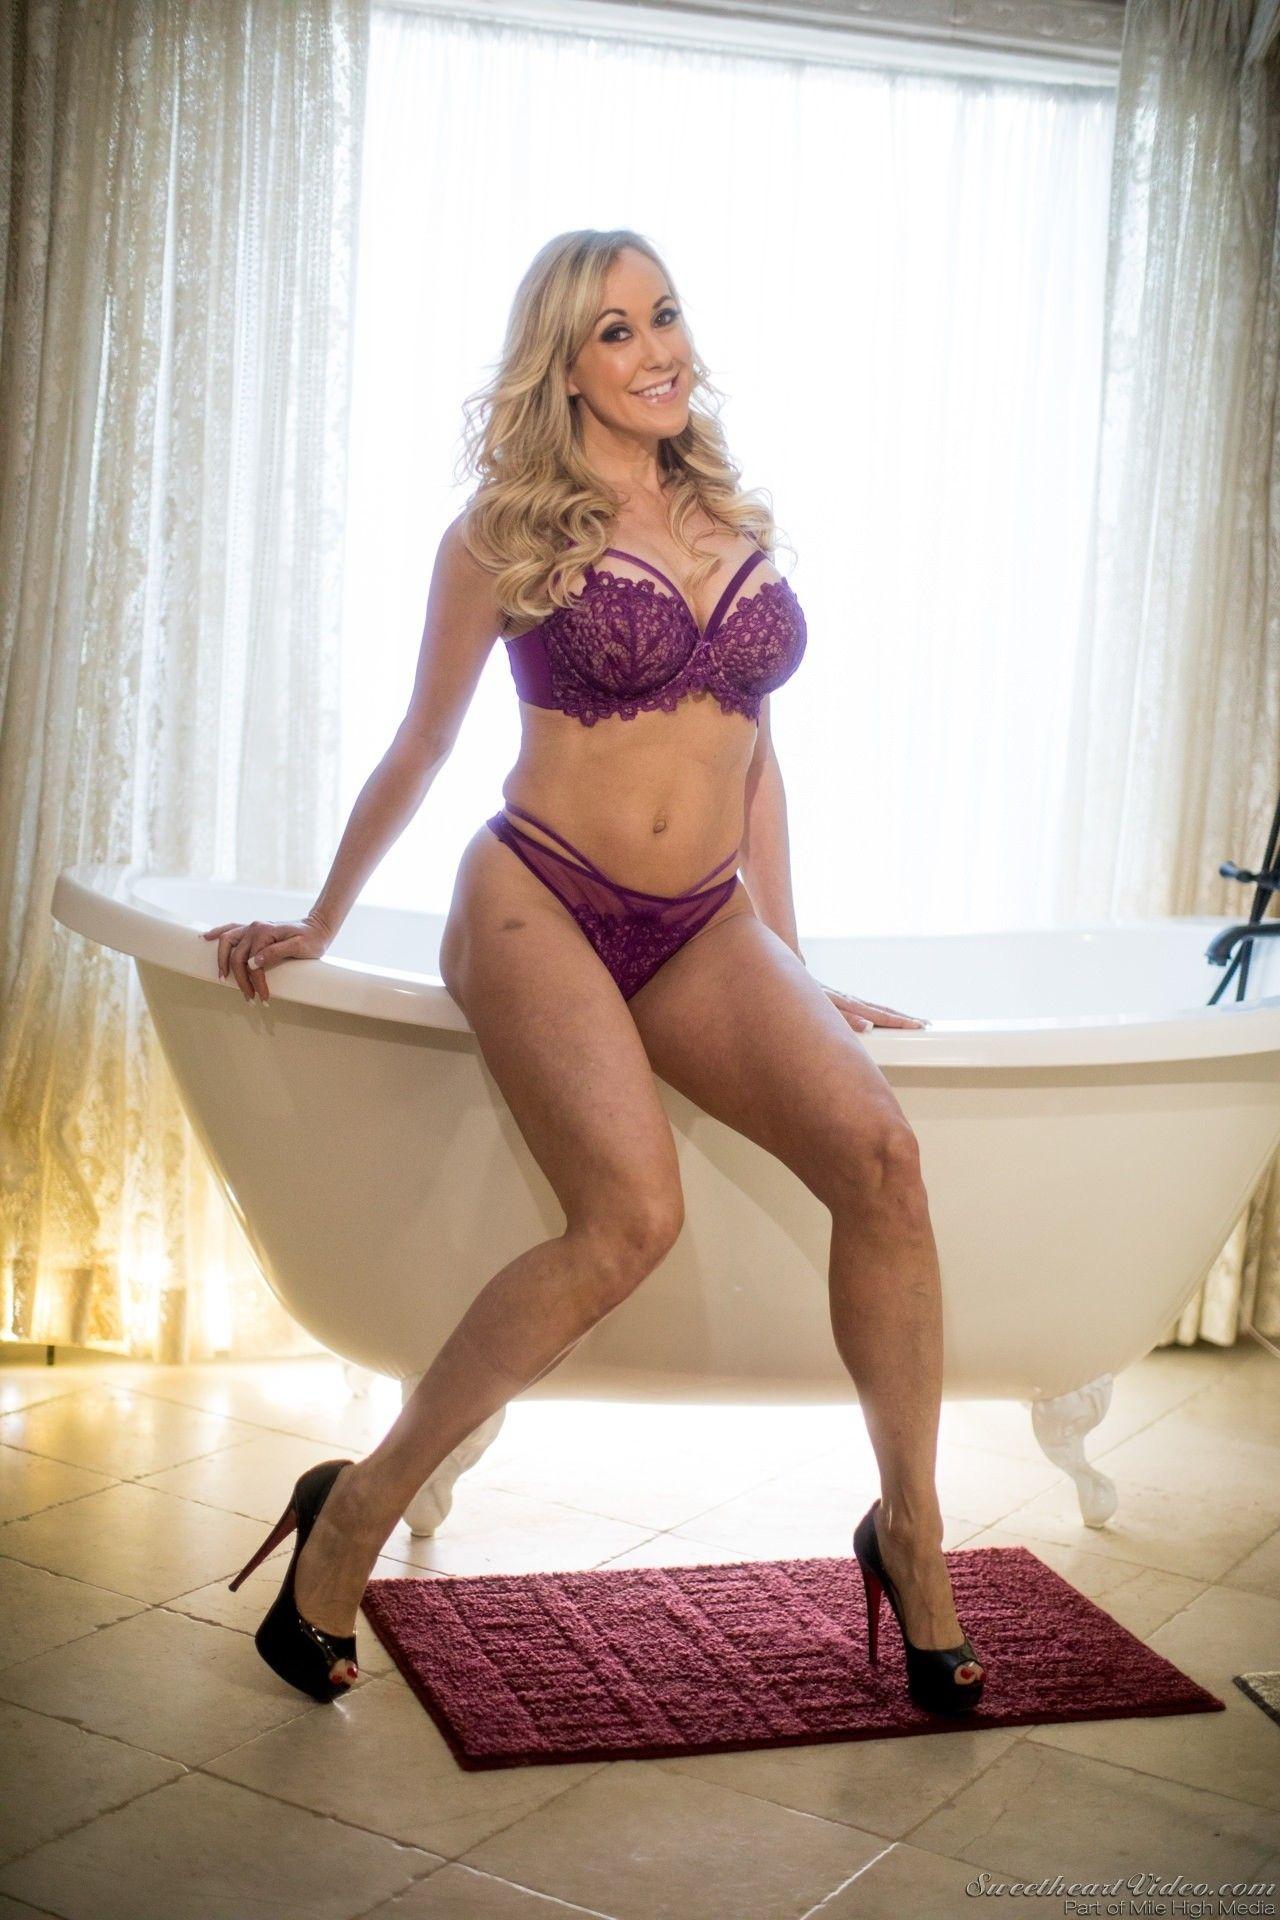 Porno Brandi Quinones nude (76 foto and video), Ass, Paparazzi, Selfie, butt 2006